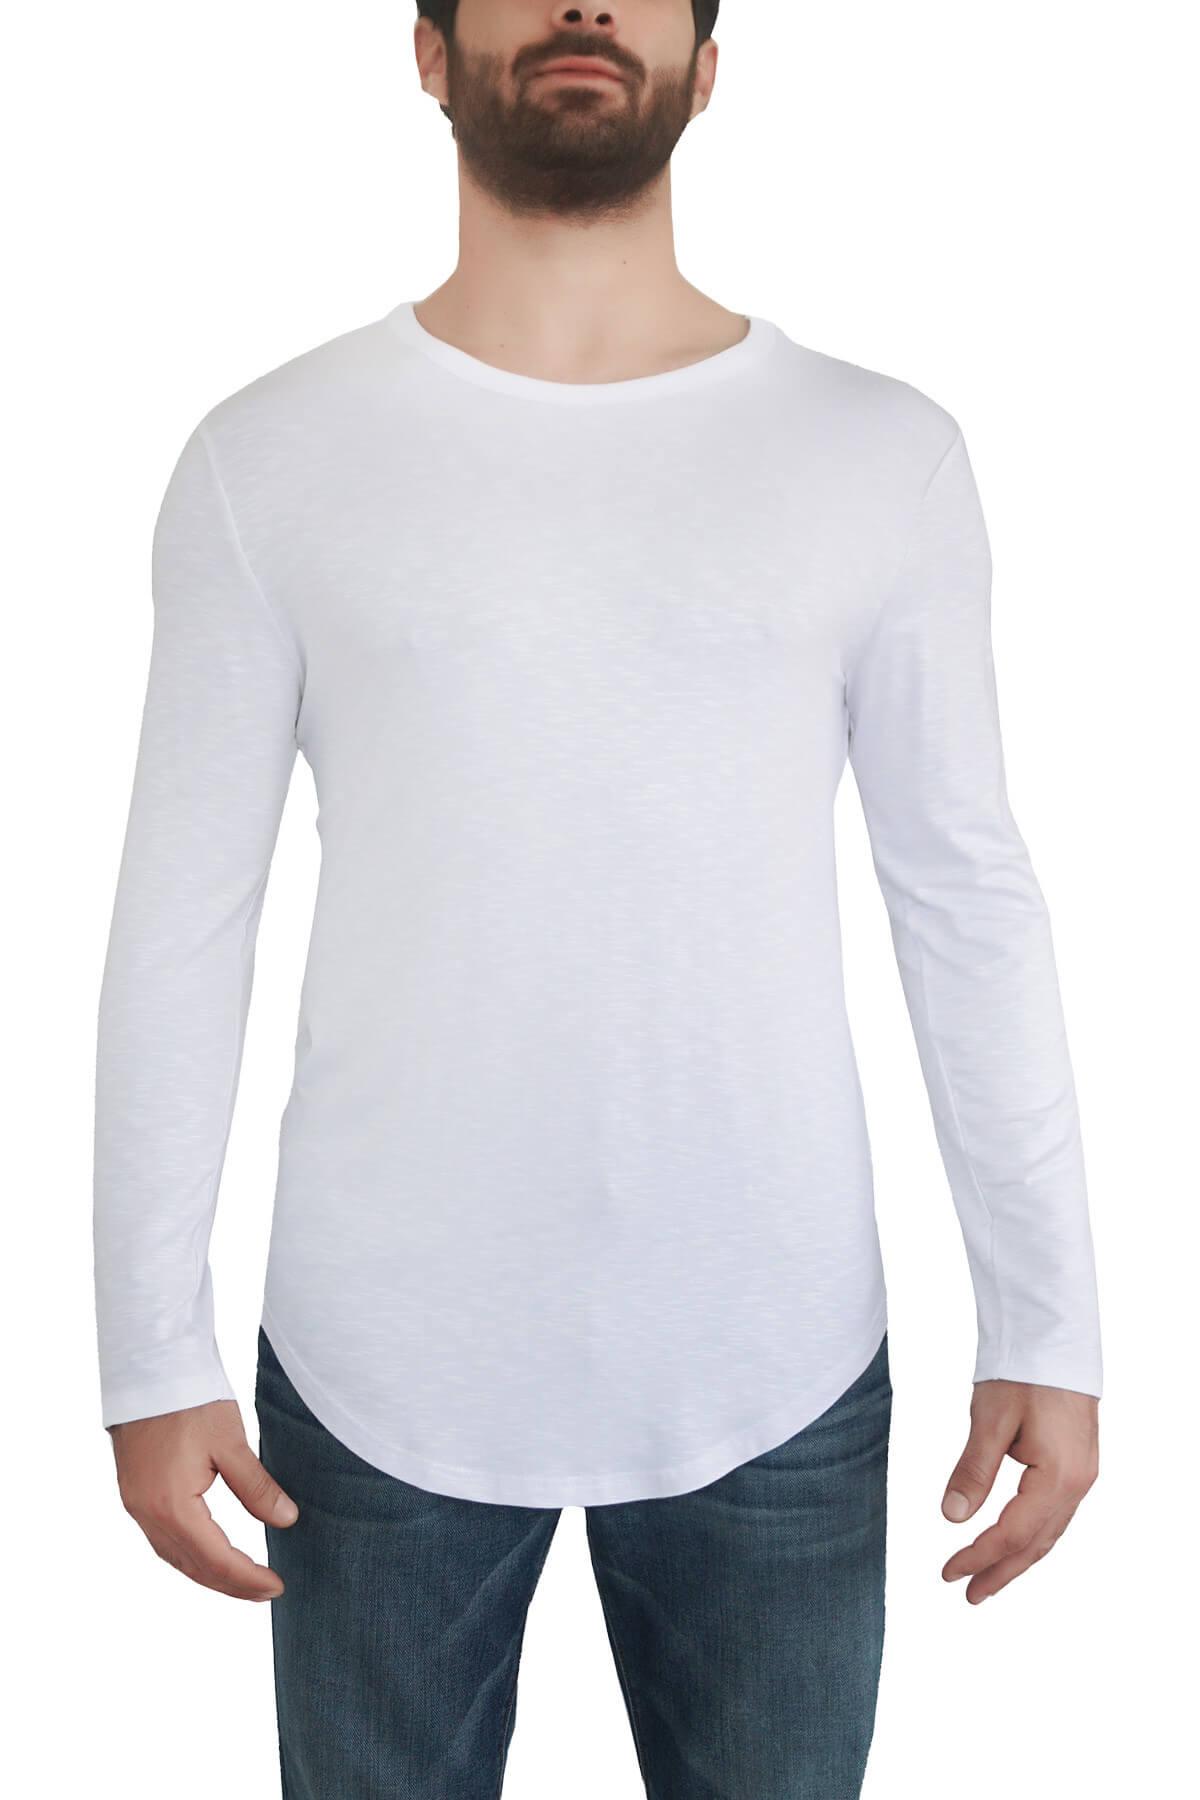 MOF Erkek Beyaz T-Shirt SYUKOET-B 1